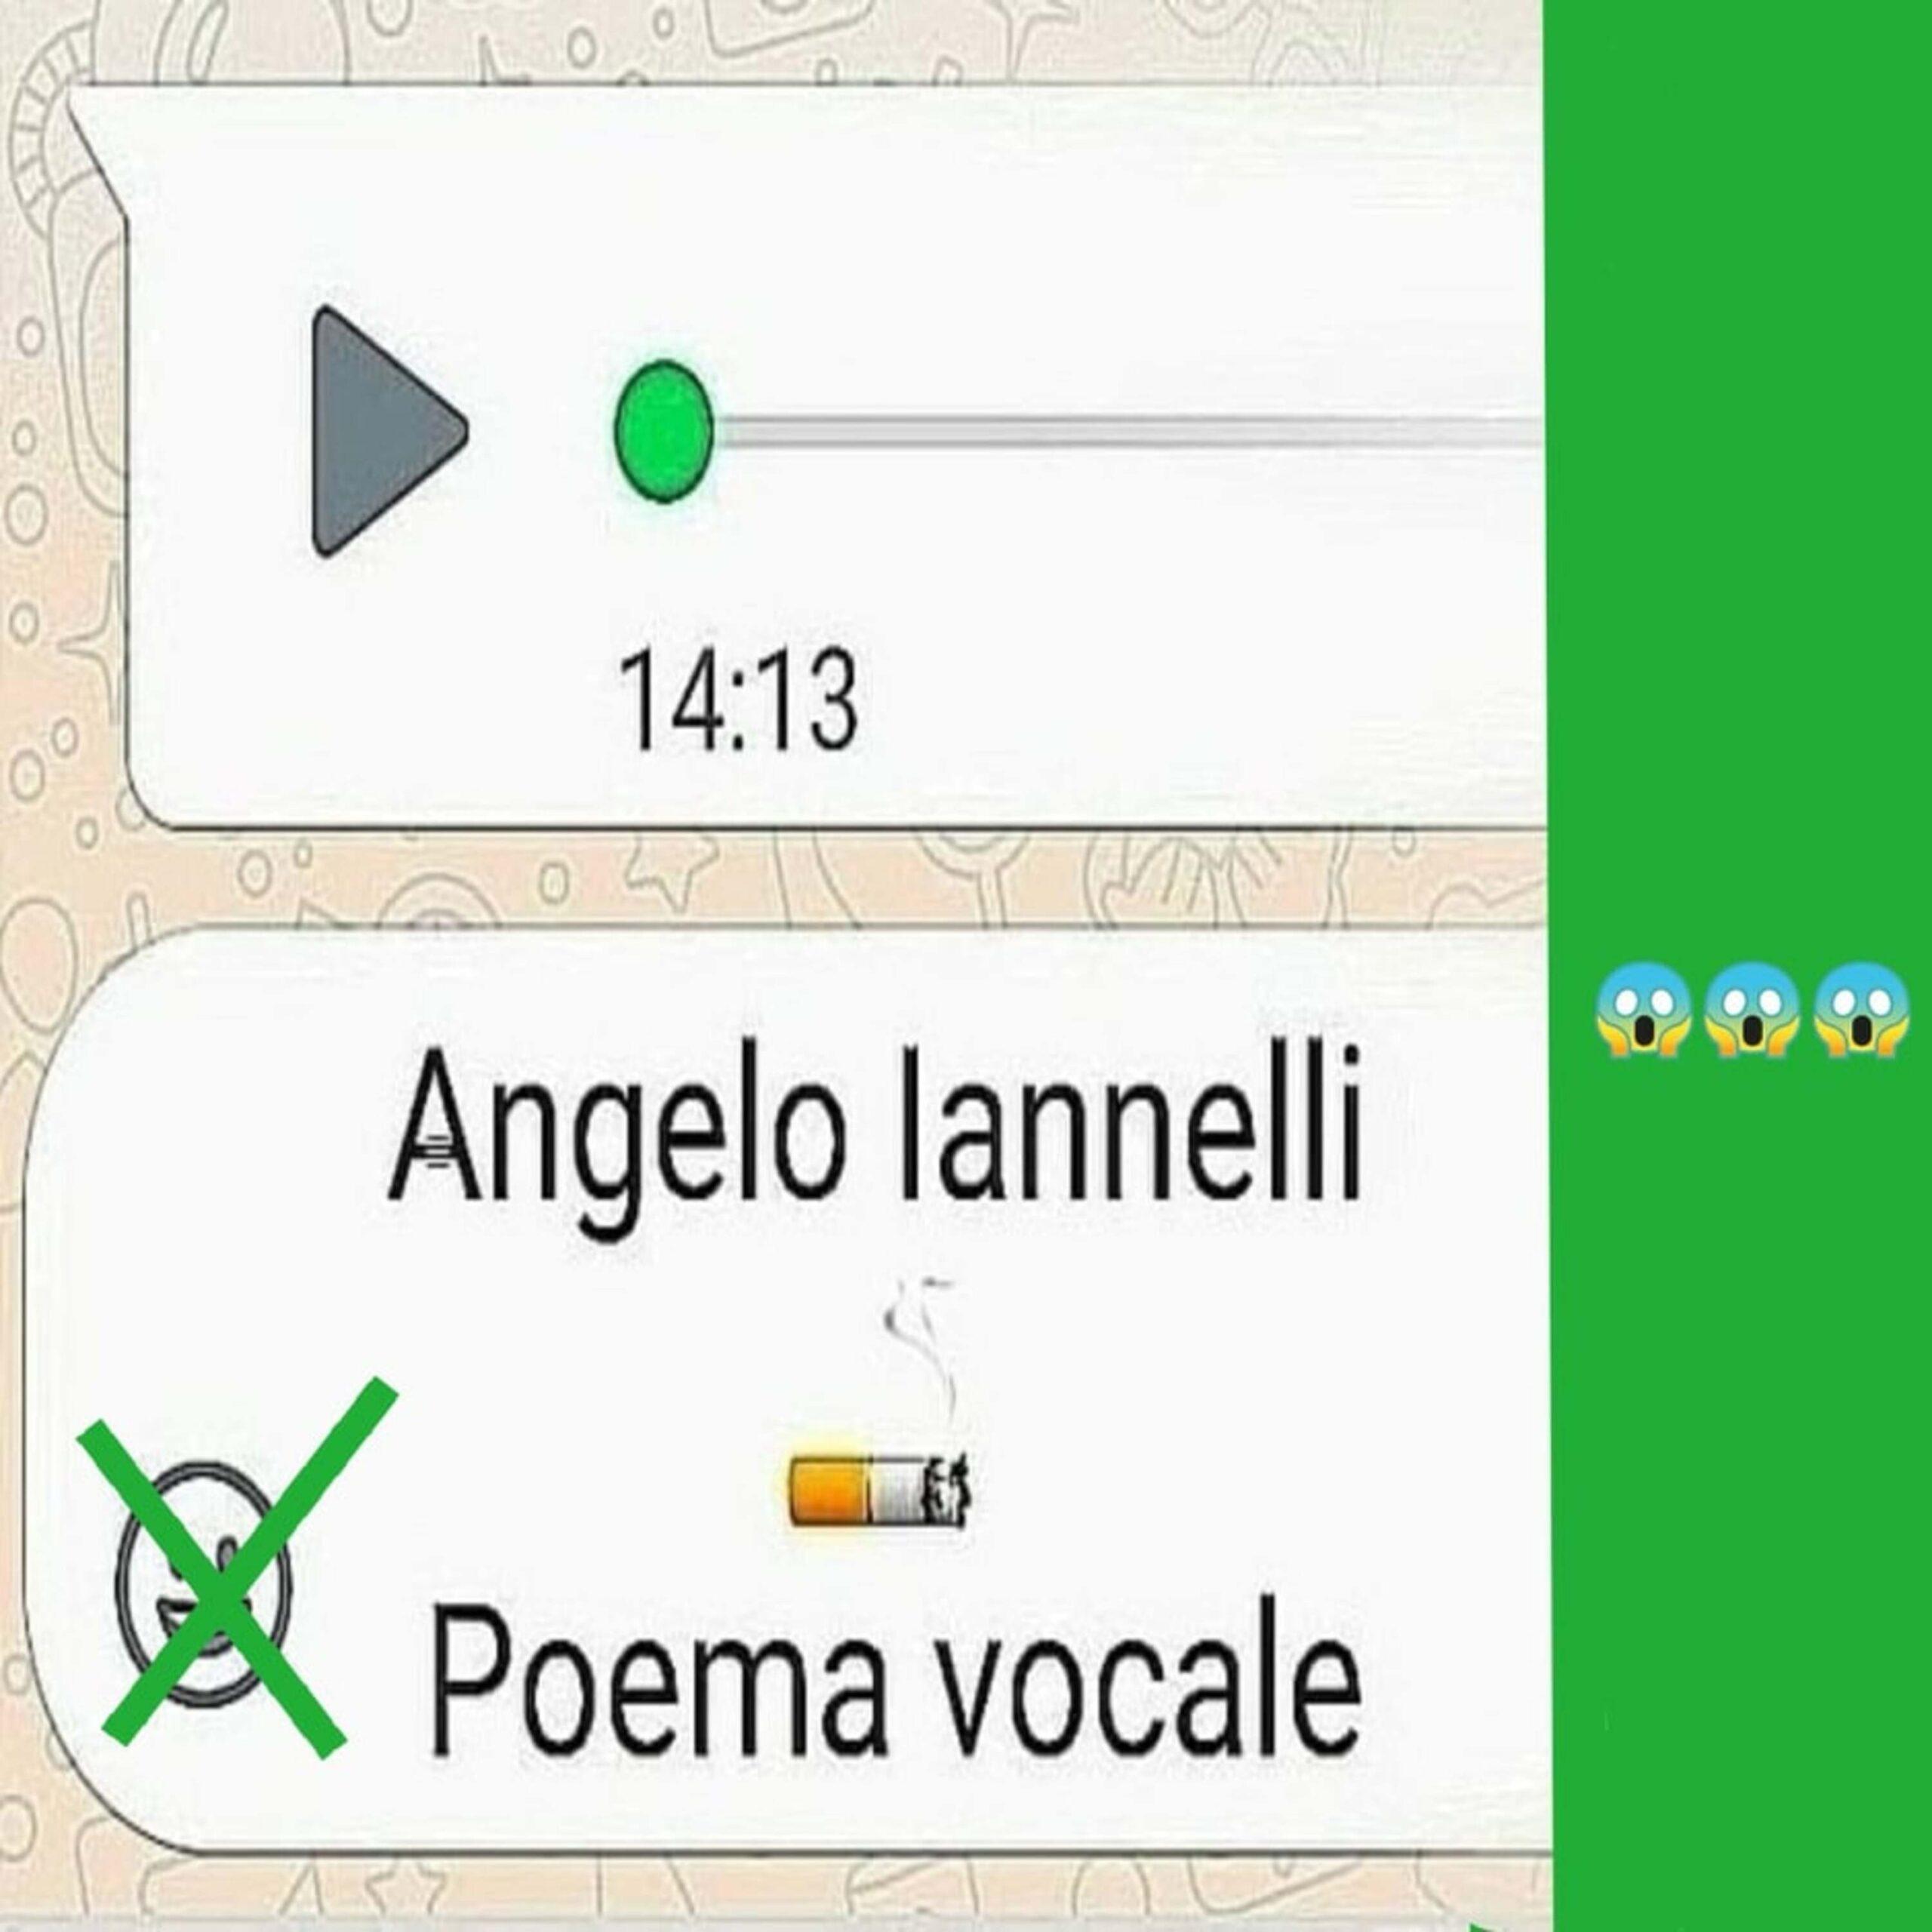 Angelo Iannelli da vicino: Di cosa parla Poema Vocale?